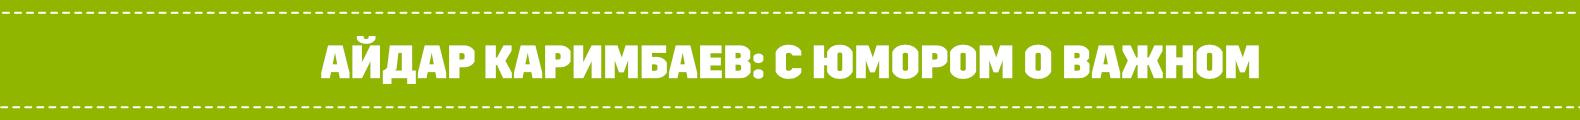 70fc1d6a83ec943096ce5611ecac35b7.jpg